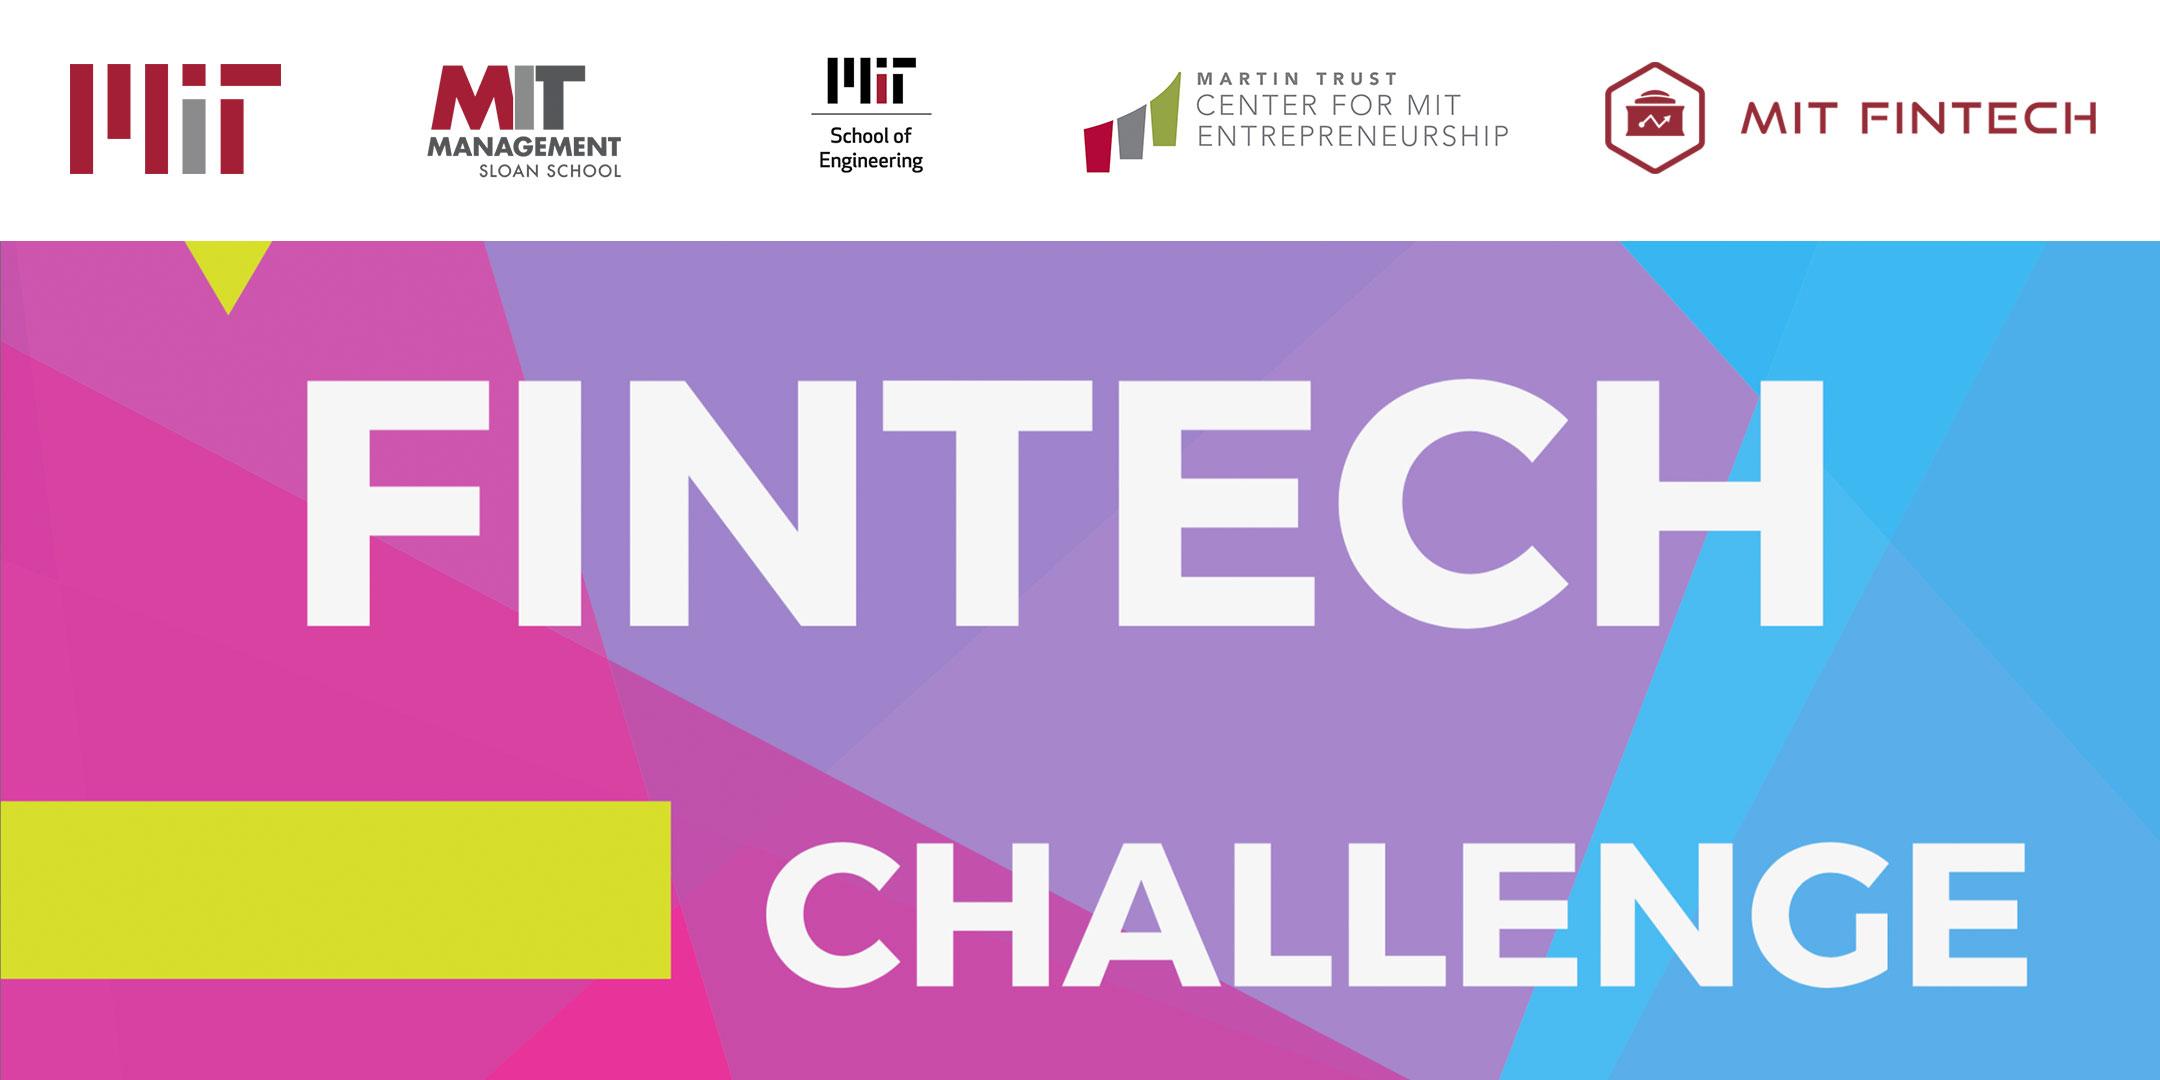 MIT Fintech Challenge